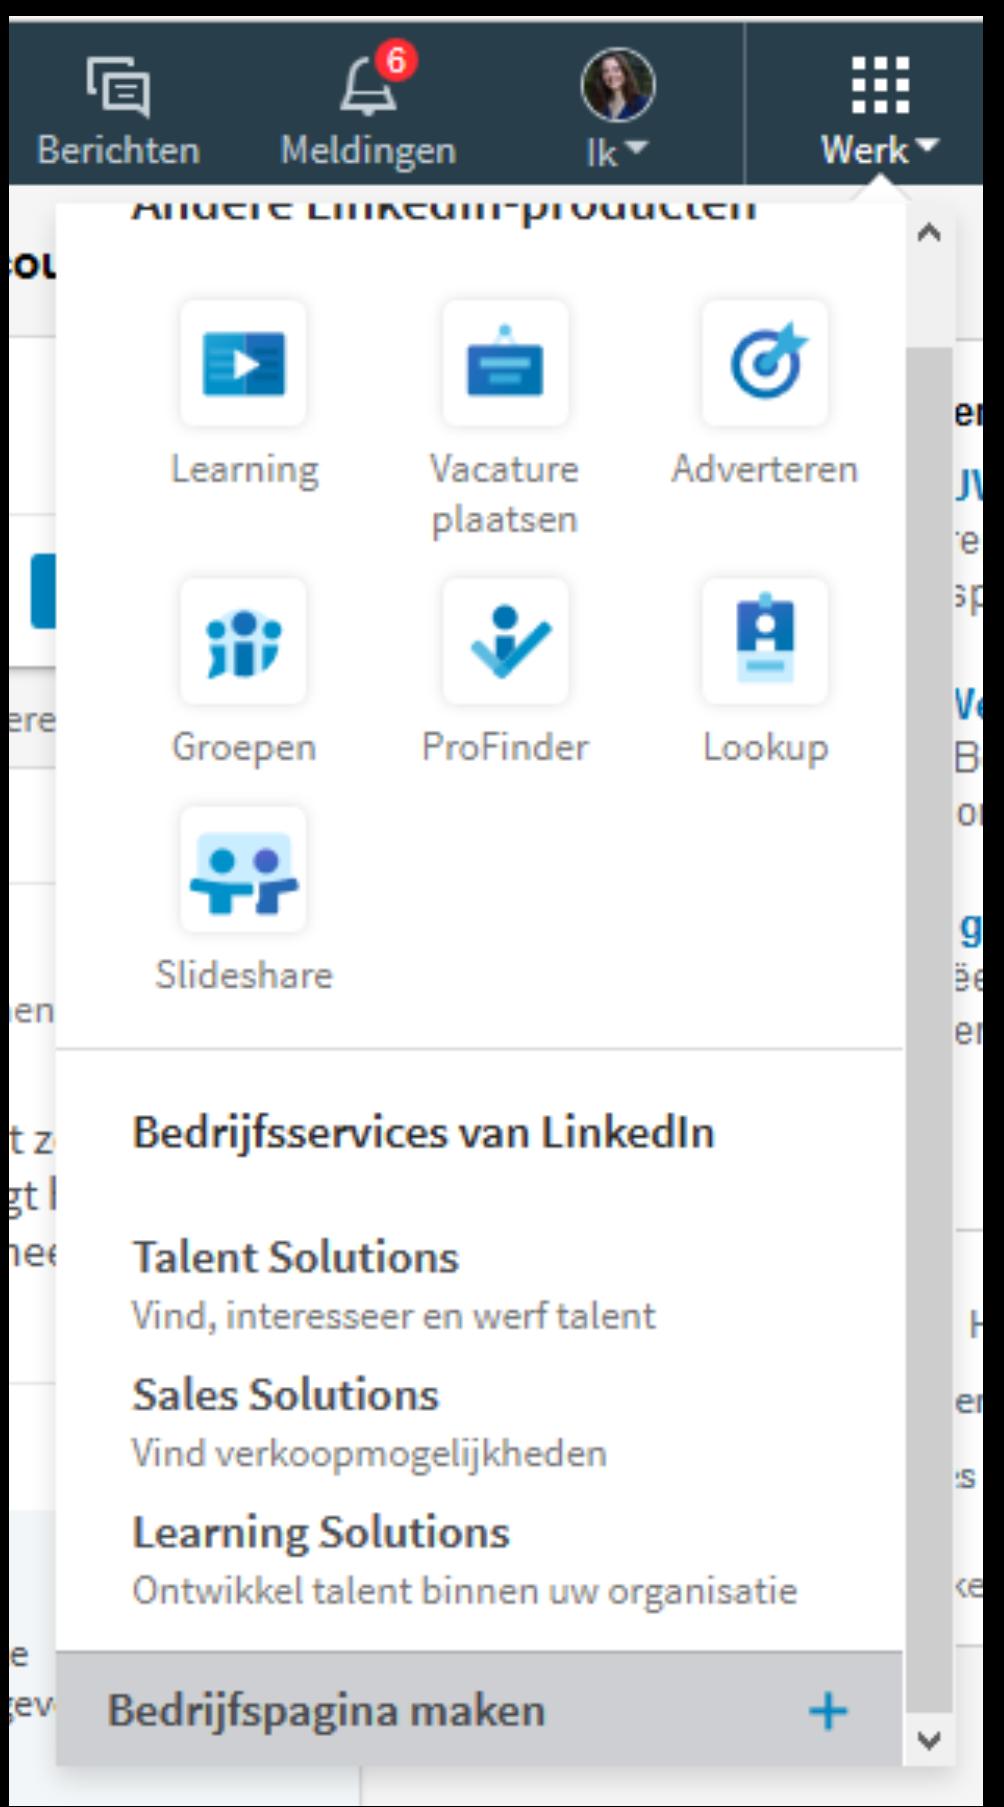 Hoe maak ik een LinkedIn bedrijfspagina aan